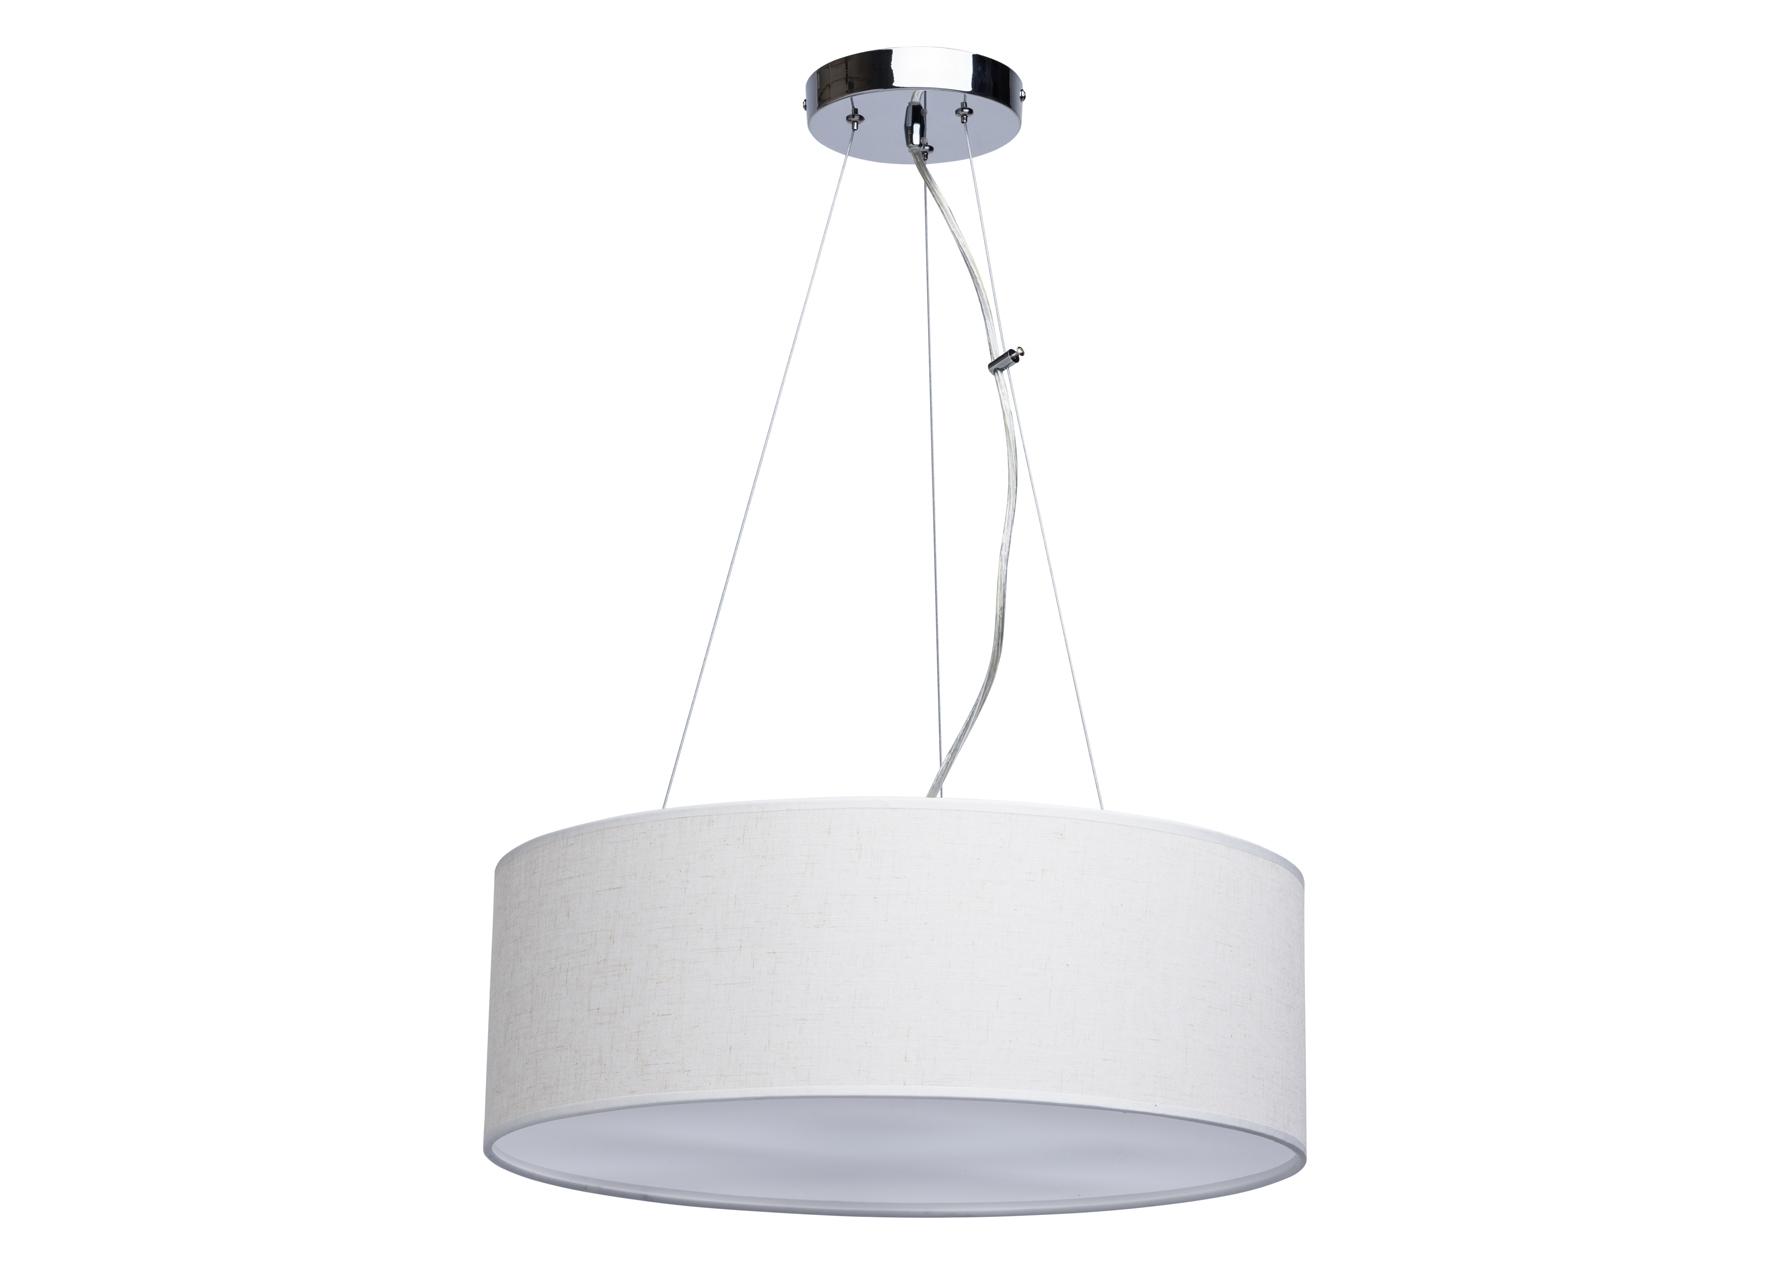 Подвесной светильник ДафнаПодвесные светильники<br>&amp;lt;div&amp;gt;Для тех, кто ценит лоск и лаконичность подвесная люстра из коллекции&amp;lt;/div&amp;gt;&amp;lt;div&amp;gt;«Дафна» — удачная находка. Тканевый абажур цилиндрической формы из&amp;lt;/div&amp;gt;&amp;lt;div&amp;gt;натурального льна гармонично сочетается с хромированным основанием&amp;lt;/div&amp;gt;&amp;lt;div&amp;gt;из металла. Источник света снизу закрыт пластиной из матово-белого&amp;lt;/div&amp;gt;&amp;lt;div&amp;gt;полупрозрачного акрила, благодаря чему свет мягко рассеивается,&amp;lt;/div&amp;gt;&amp;lt;div&amp;gt;создавая уютную и спокойную атмосферу. Светильник идеально&amp;lt;/div&amp;gt;&amp;lt;div&amp;gt;подходит для зонального освещения, а его минималистический&amp;lt;/div&amp;gt;&amp;lt;div&amp;gt;современный дизайн позволяет идеально смотреться в любой обстановке.&amp;lt;/div&amp;gt;&amp;lt;div&amp;gt;&amp;lt;br&amp;gt;&amp;lt;/div&amp;gt;&amp;lt;div&amp;gt;Площадь освещения порядка 12 кв.м.&amp;lt;/div&amp;gt;&amp;lt;div&amp;gt;Мощность/кол-во ламп: 6*40W E27 220 V&amp;amp;nbsp;&amp;lt;span style=&amp;quot;line-height: 1.78571;&amp;quot;&amp;gt;IP20&amp;lt;/span&amp;gt;&amp;lt;/div&amp;gt;&amp;lt;div&amp;gt;Сила светового потока: 2100 Лм (Люмен)&amp;lt;/div&amp;gt;&amp;lt;div&amp;gt;Цветовая температура: 2700K&amp;lt;/div&amp;gt;&amp;lt;div&amp;gt;Вес: 4,4 кг&amp;lt;/div&amp;gt;&amp;lt;div&amp;gt;Крепление к потолку: на планку&amp;lt;/div&amp;gt;&amp;lt;div&amp;gt;Арматура: металл гальванизированный в цвет хрома&amp;lt;/div&amp;gt;&amp;lt;div&amp;gt;Абажур из льна с внешней стороны и акрила с внутренней.&amp;lt;/div&amp;gt;<br><br>Material: Металл<br>Высота см: 70